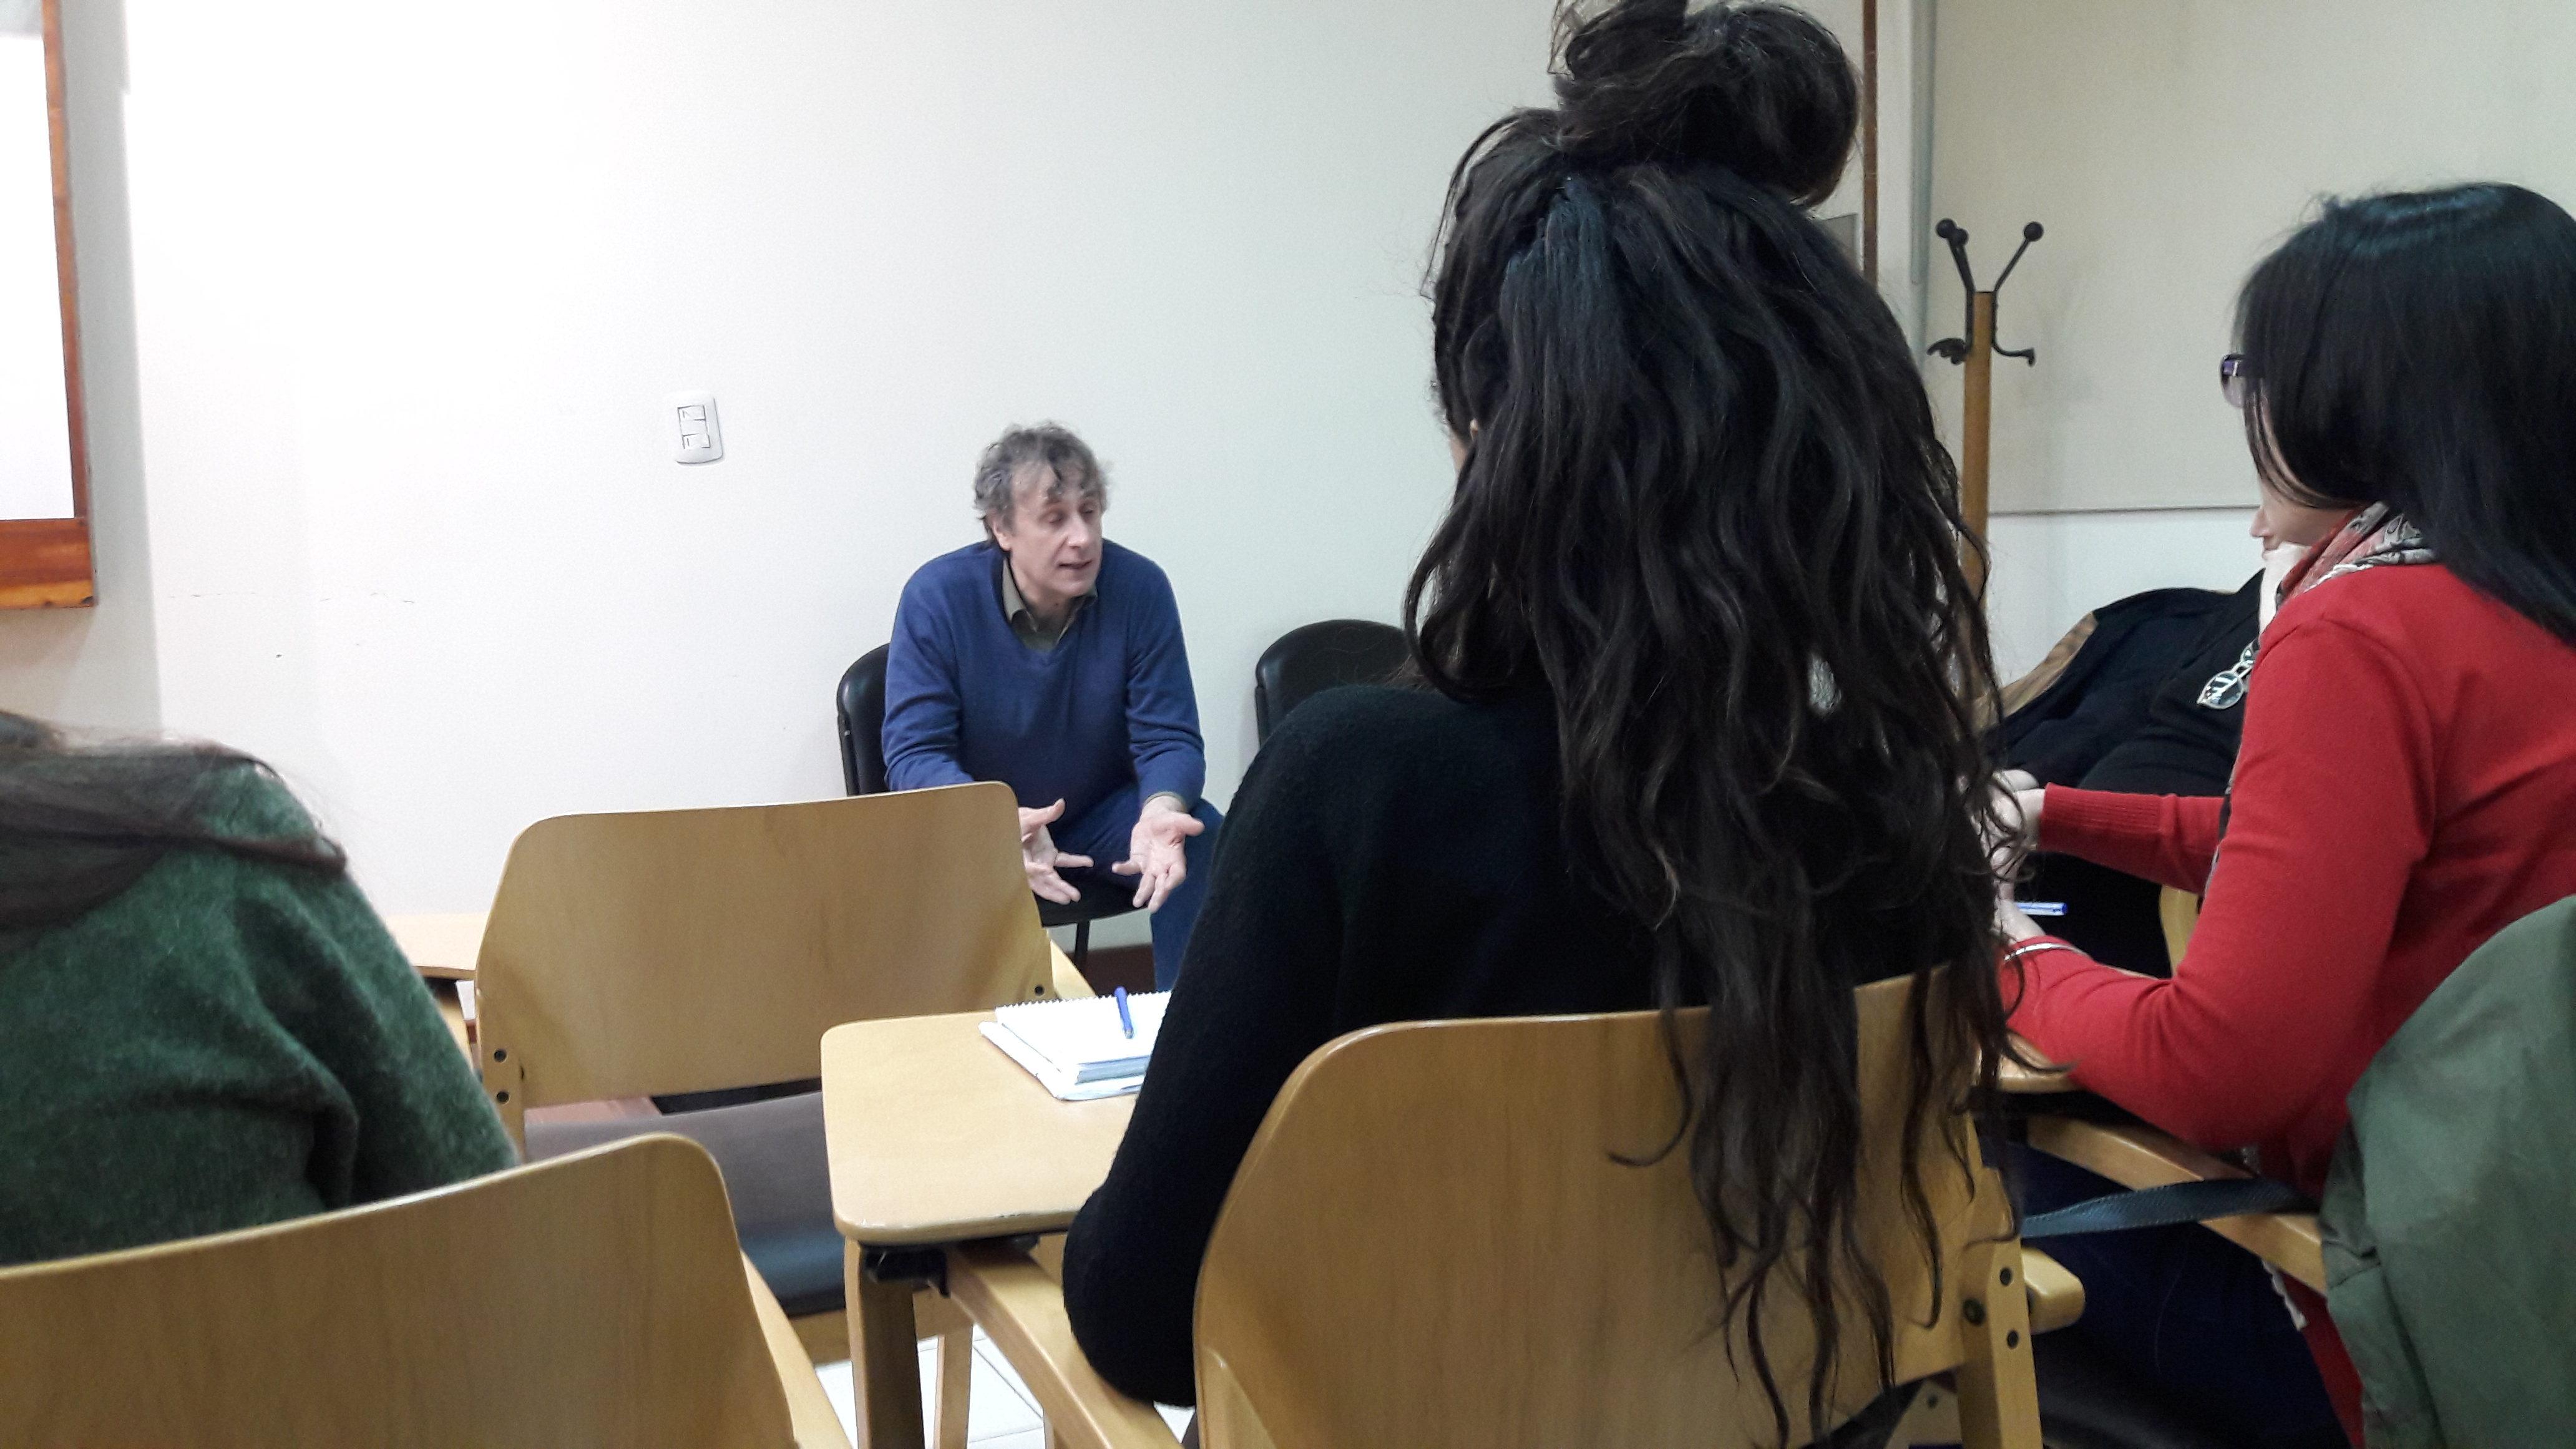 05-programa-de-estudios-africanos-unc-argentina-castien-maestro-sahel-islam-africa-diaspora